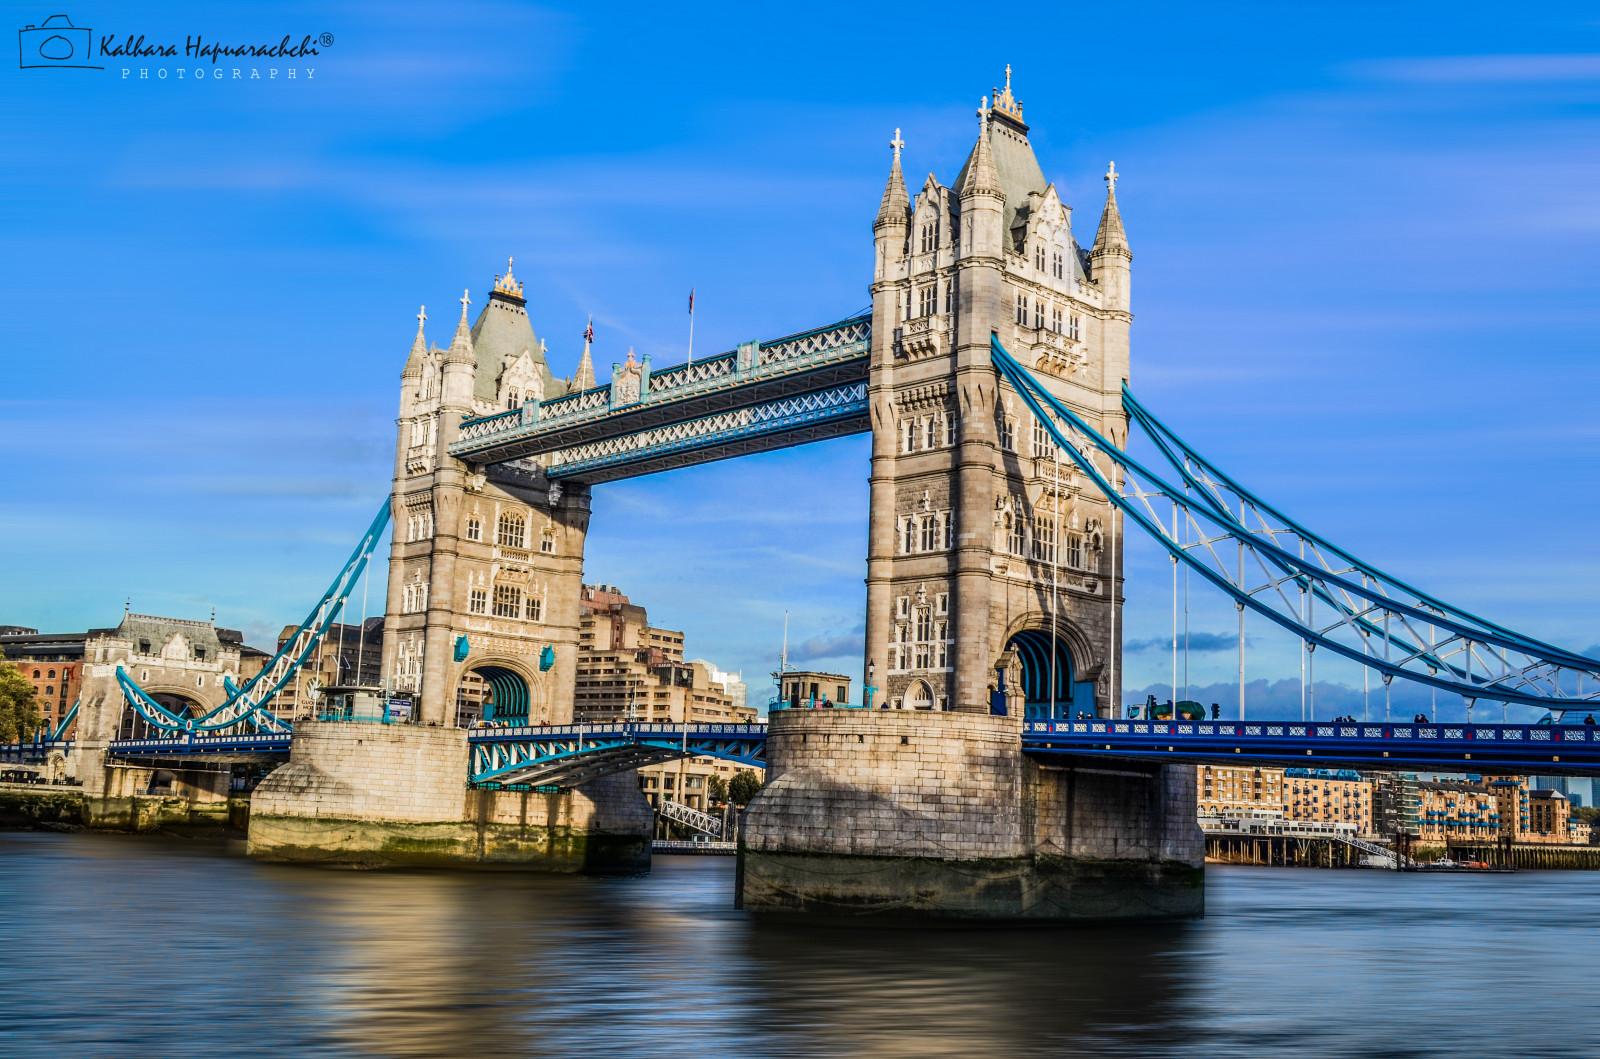 Hintergrundbilder vereinigtes k nigreich - London architektur ...